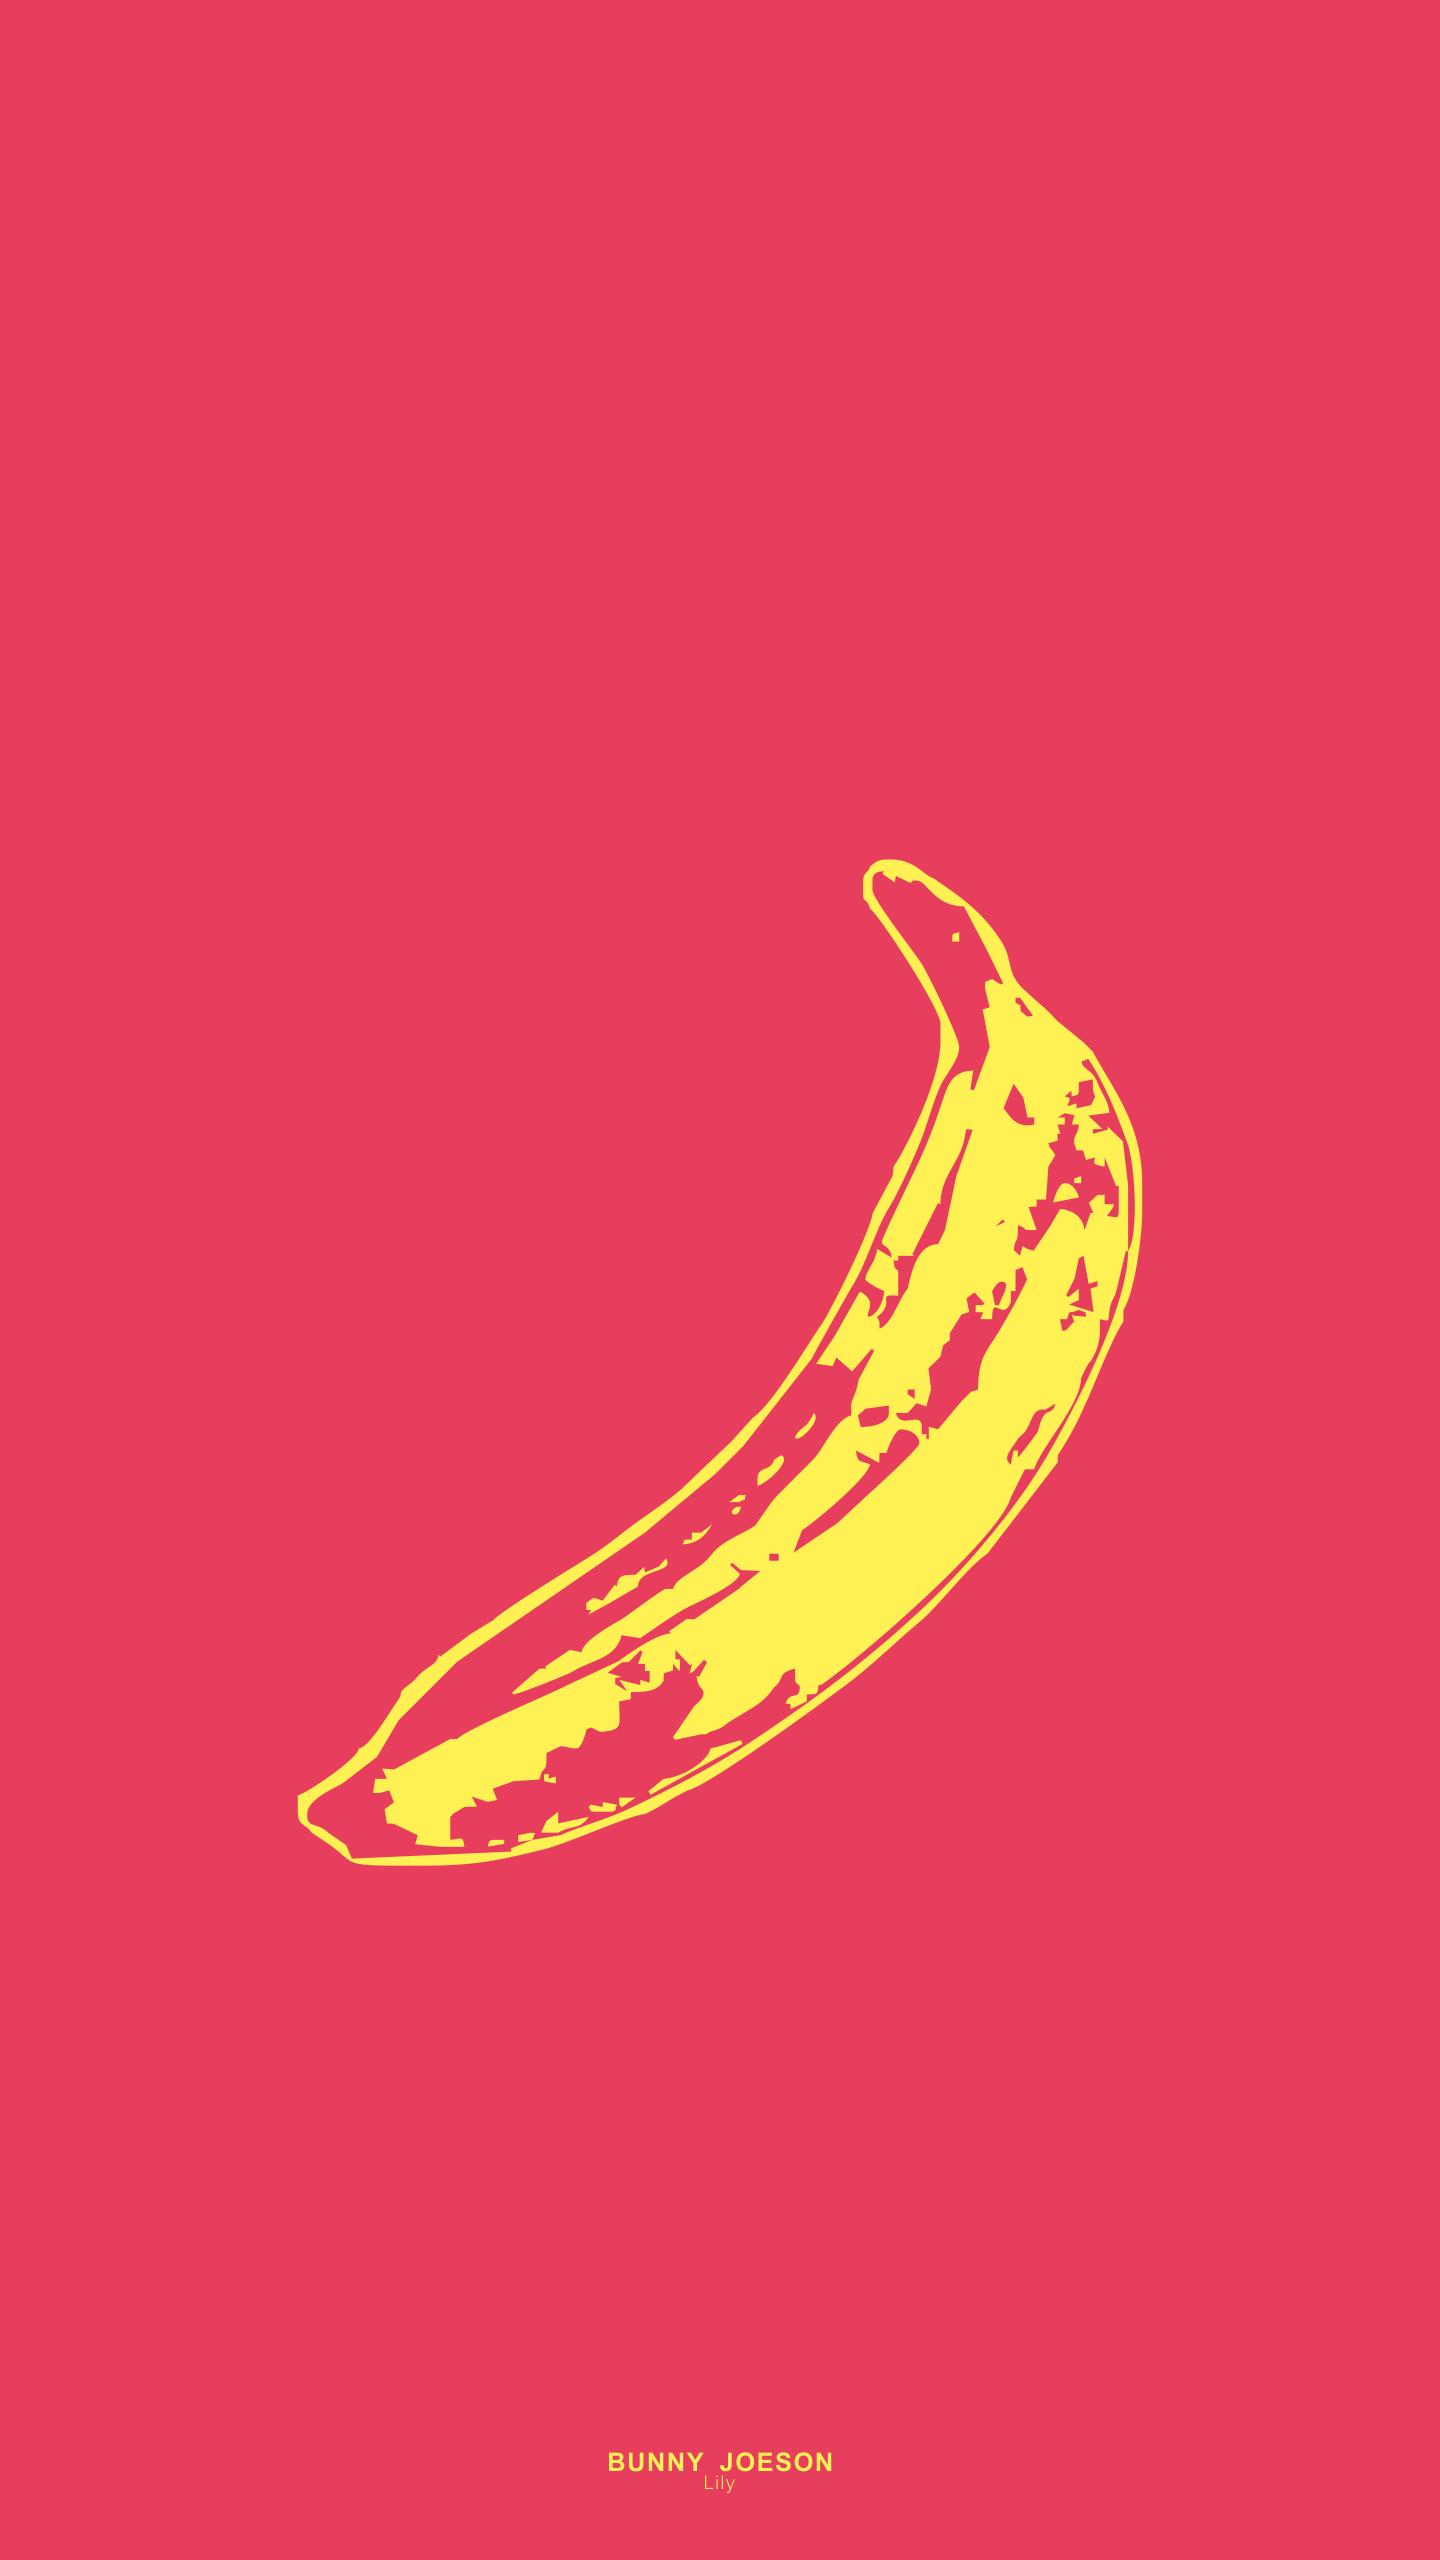 Wallpaper iphone banana -  Iphone Phone Life Design Wallpaper